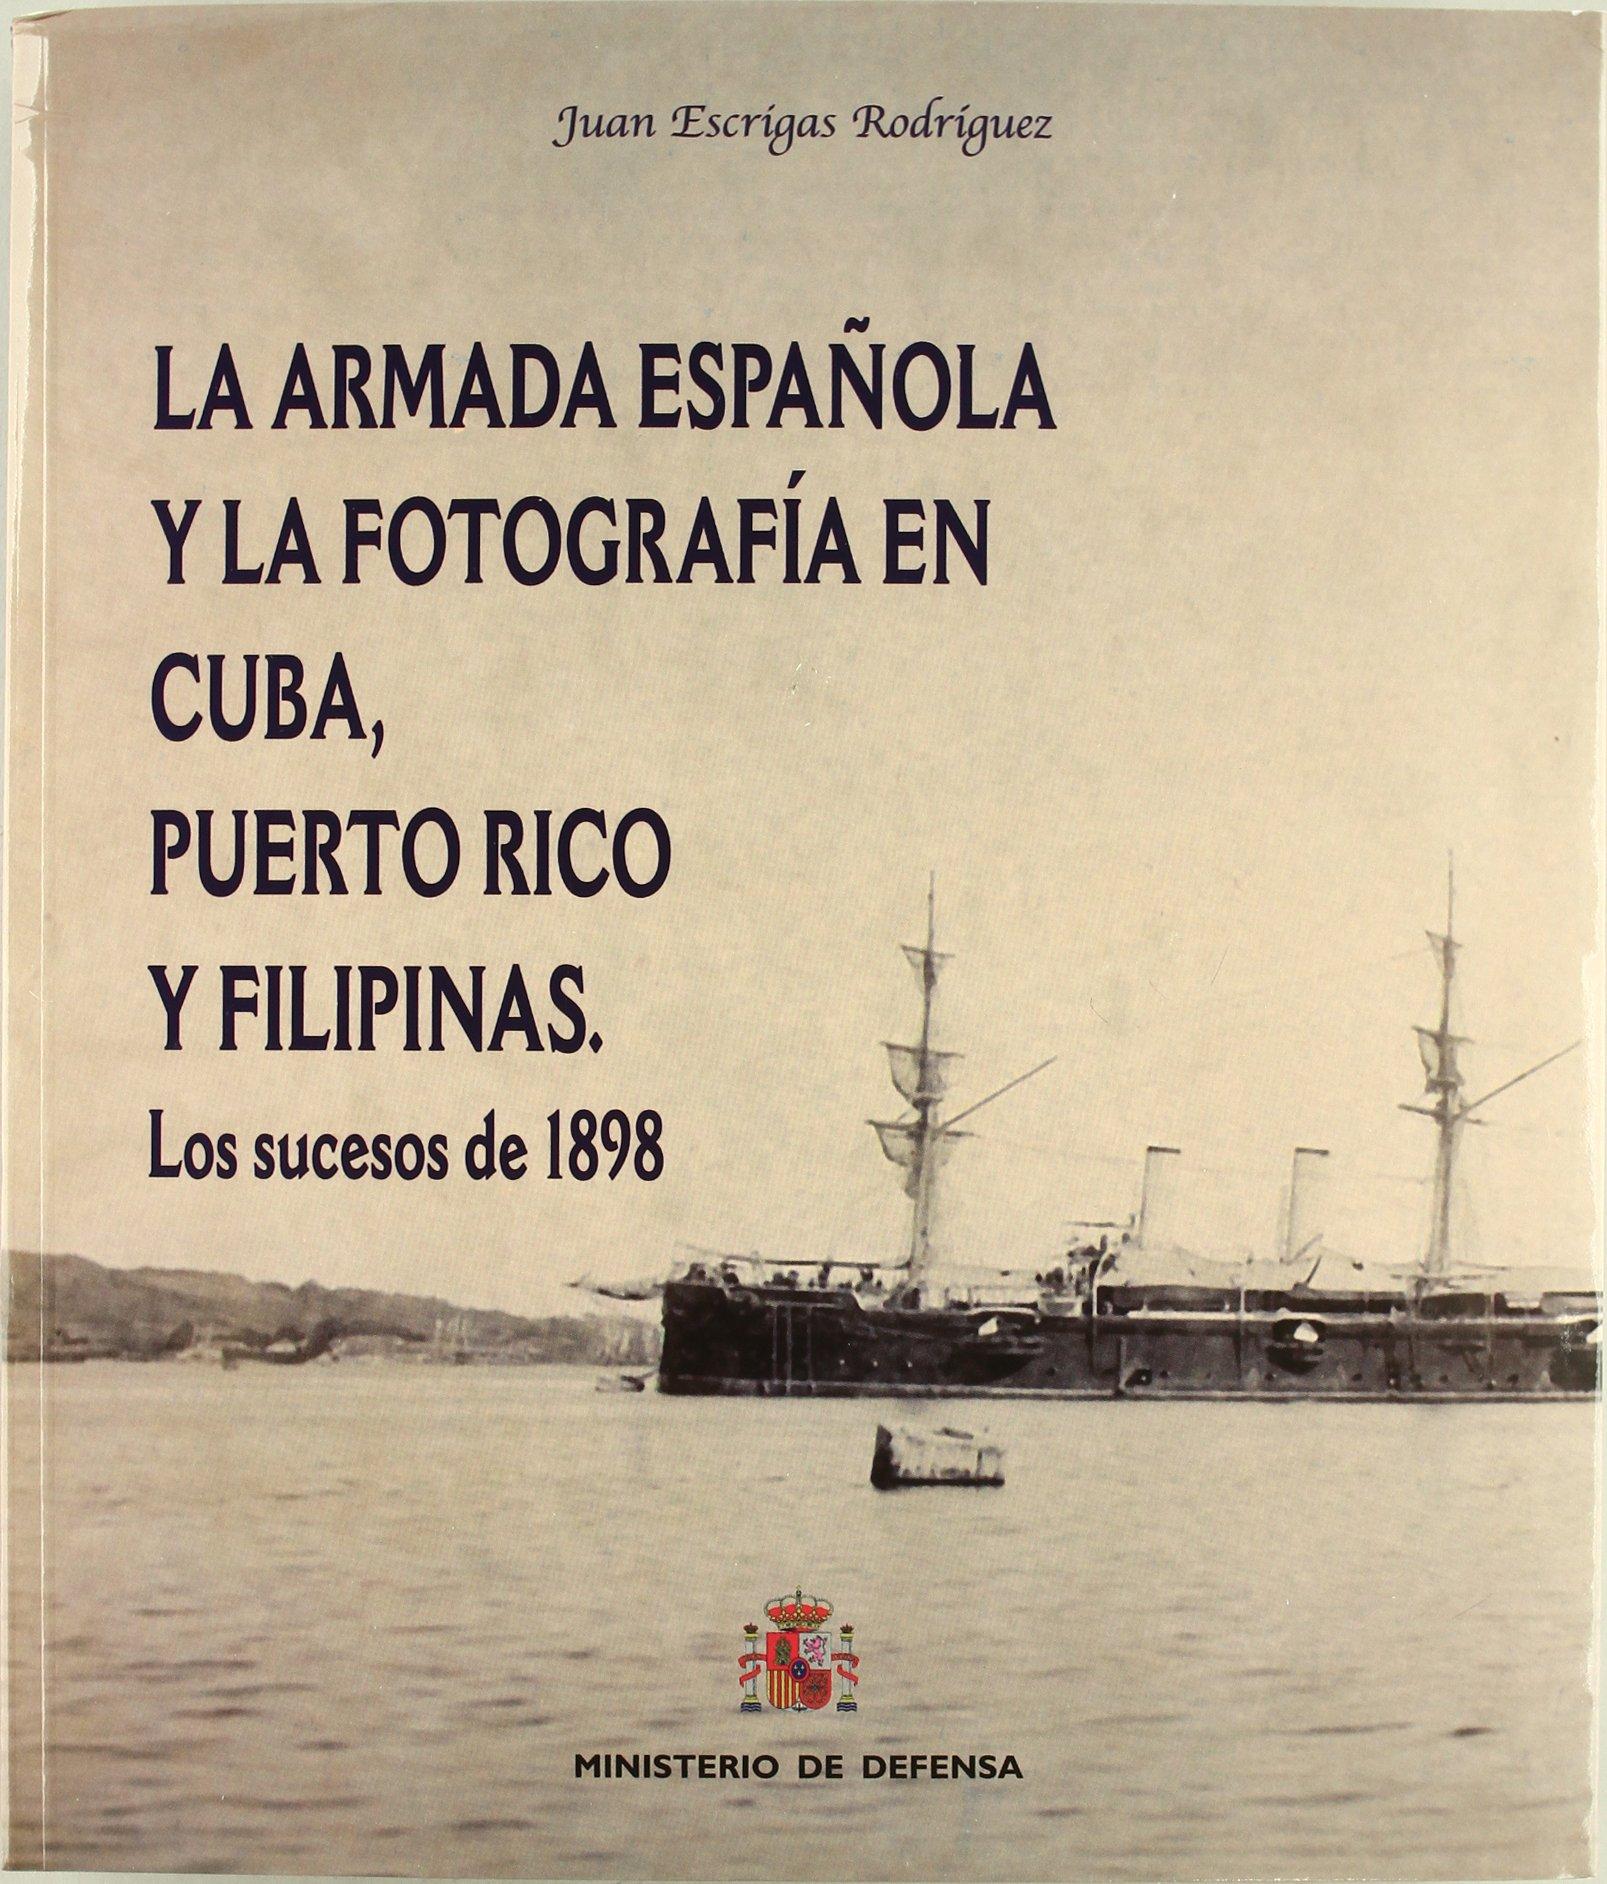 La Armada Española y la fotografía en Cuba, Puerto Rico y Filipinas ...